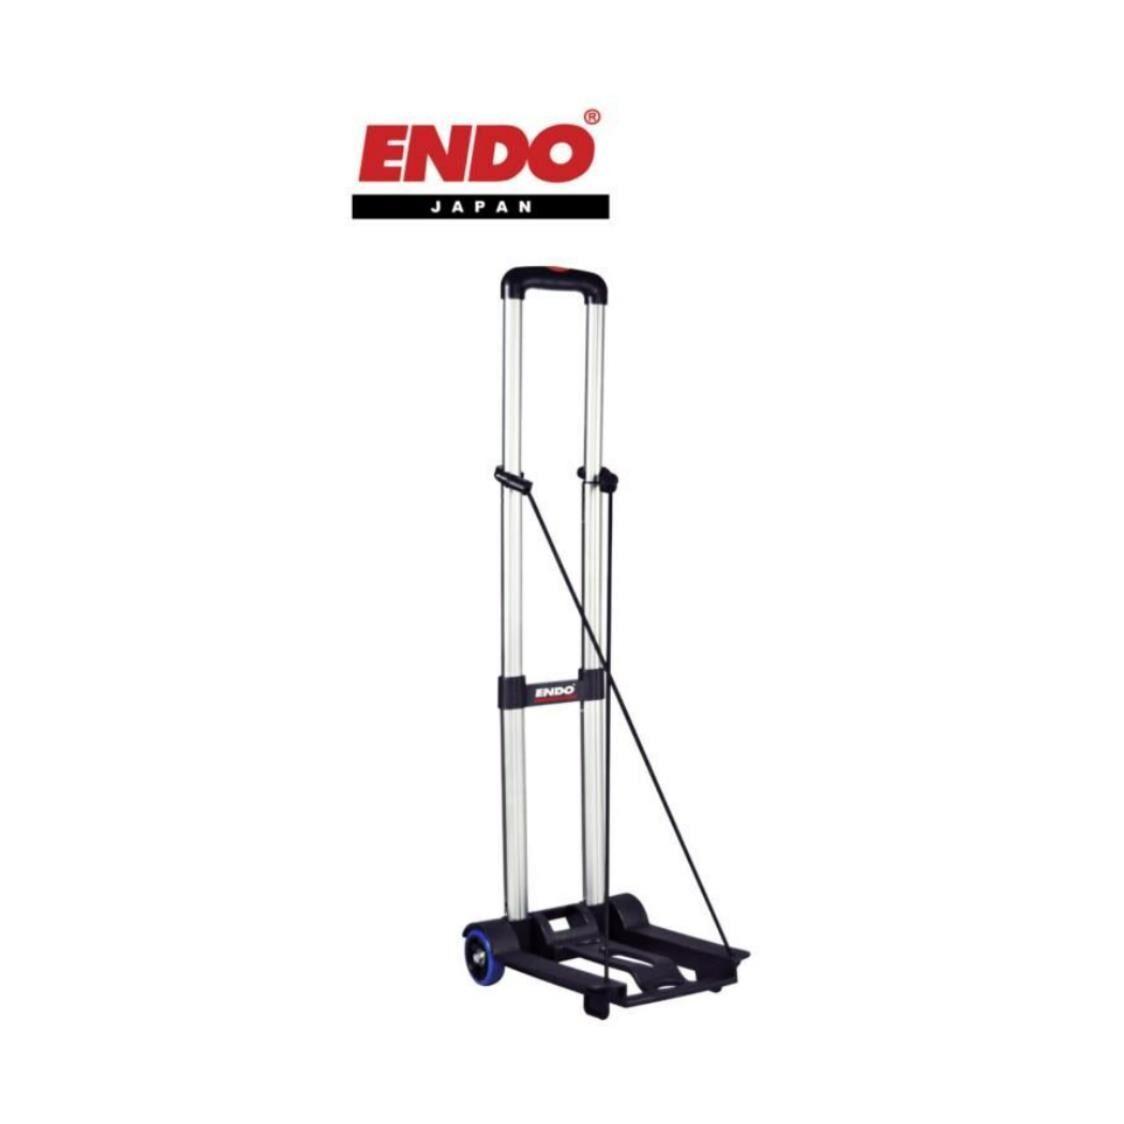 Endo Luggage Trolley E-LT30